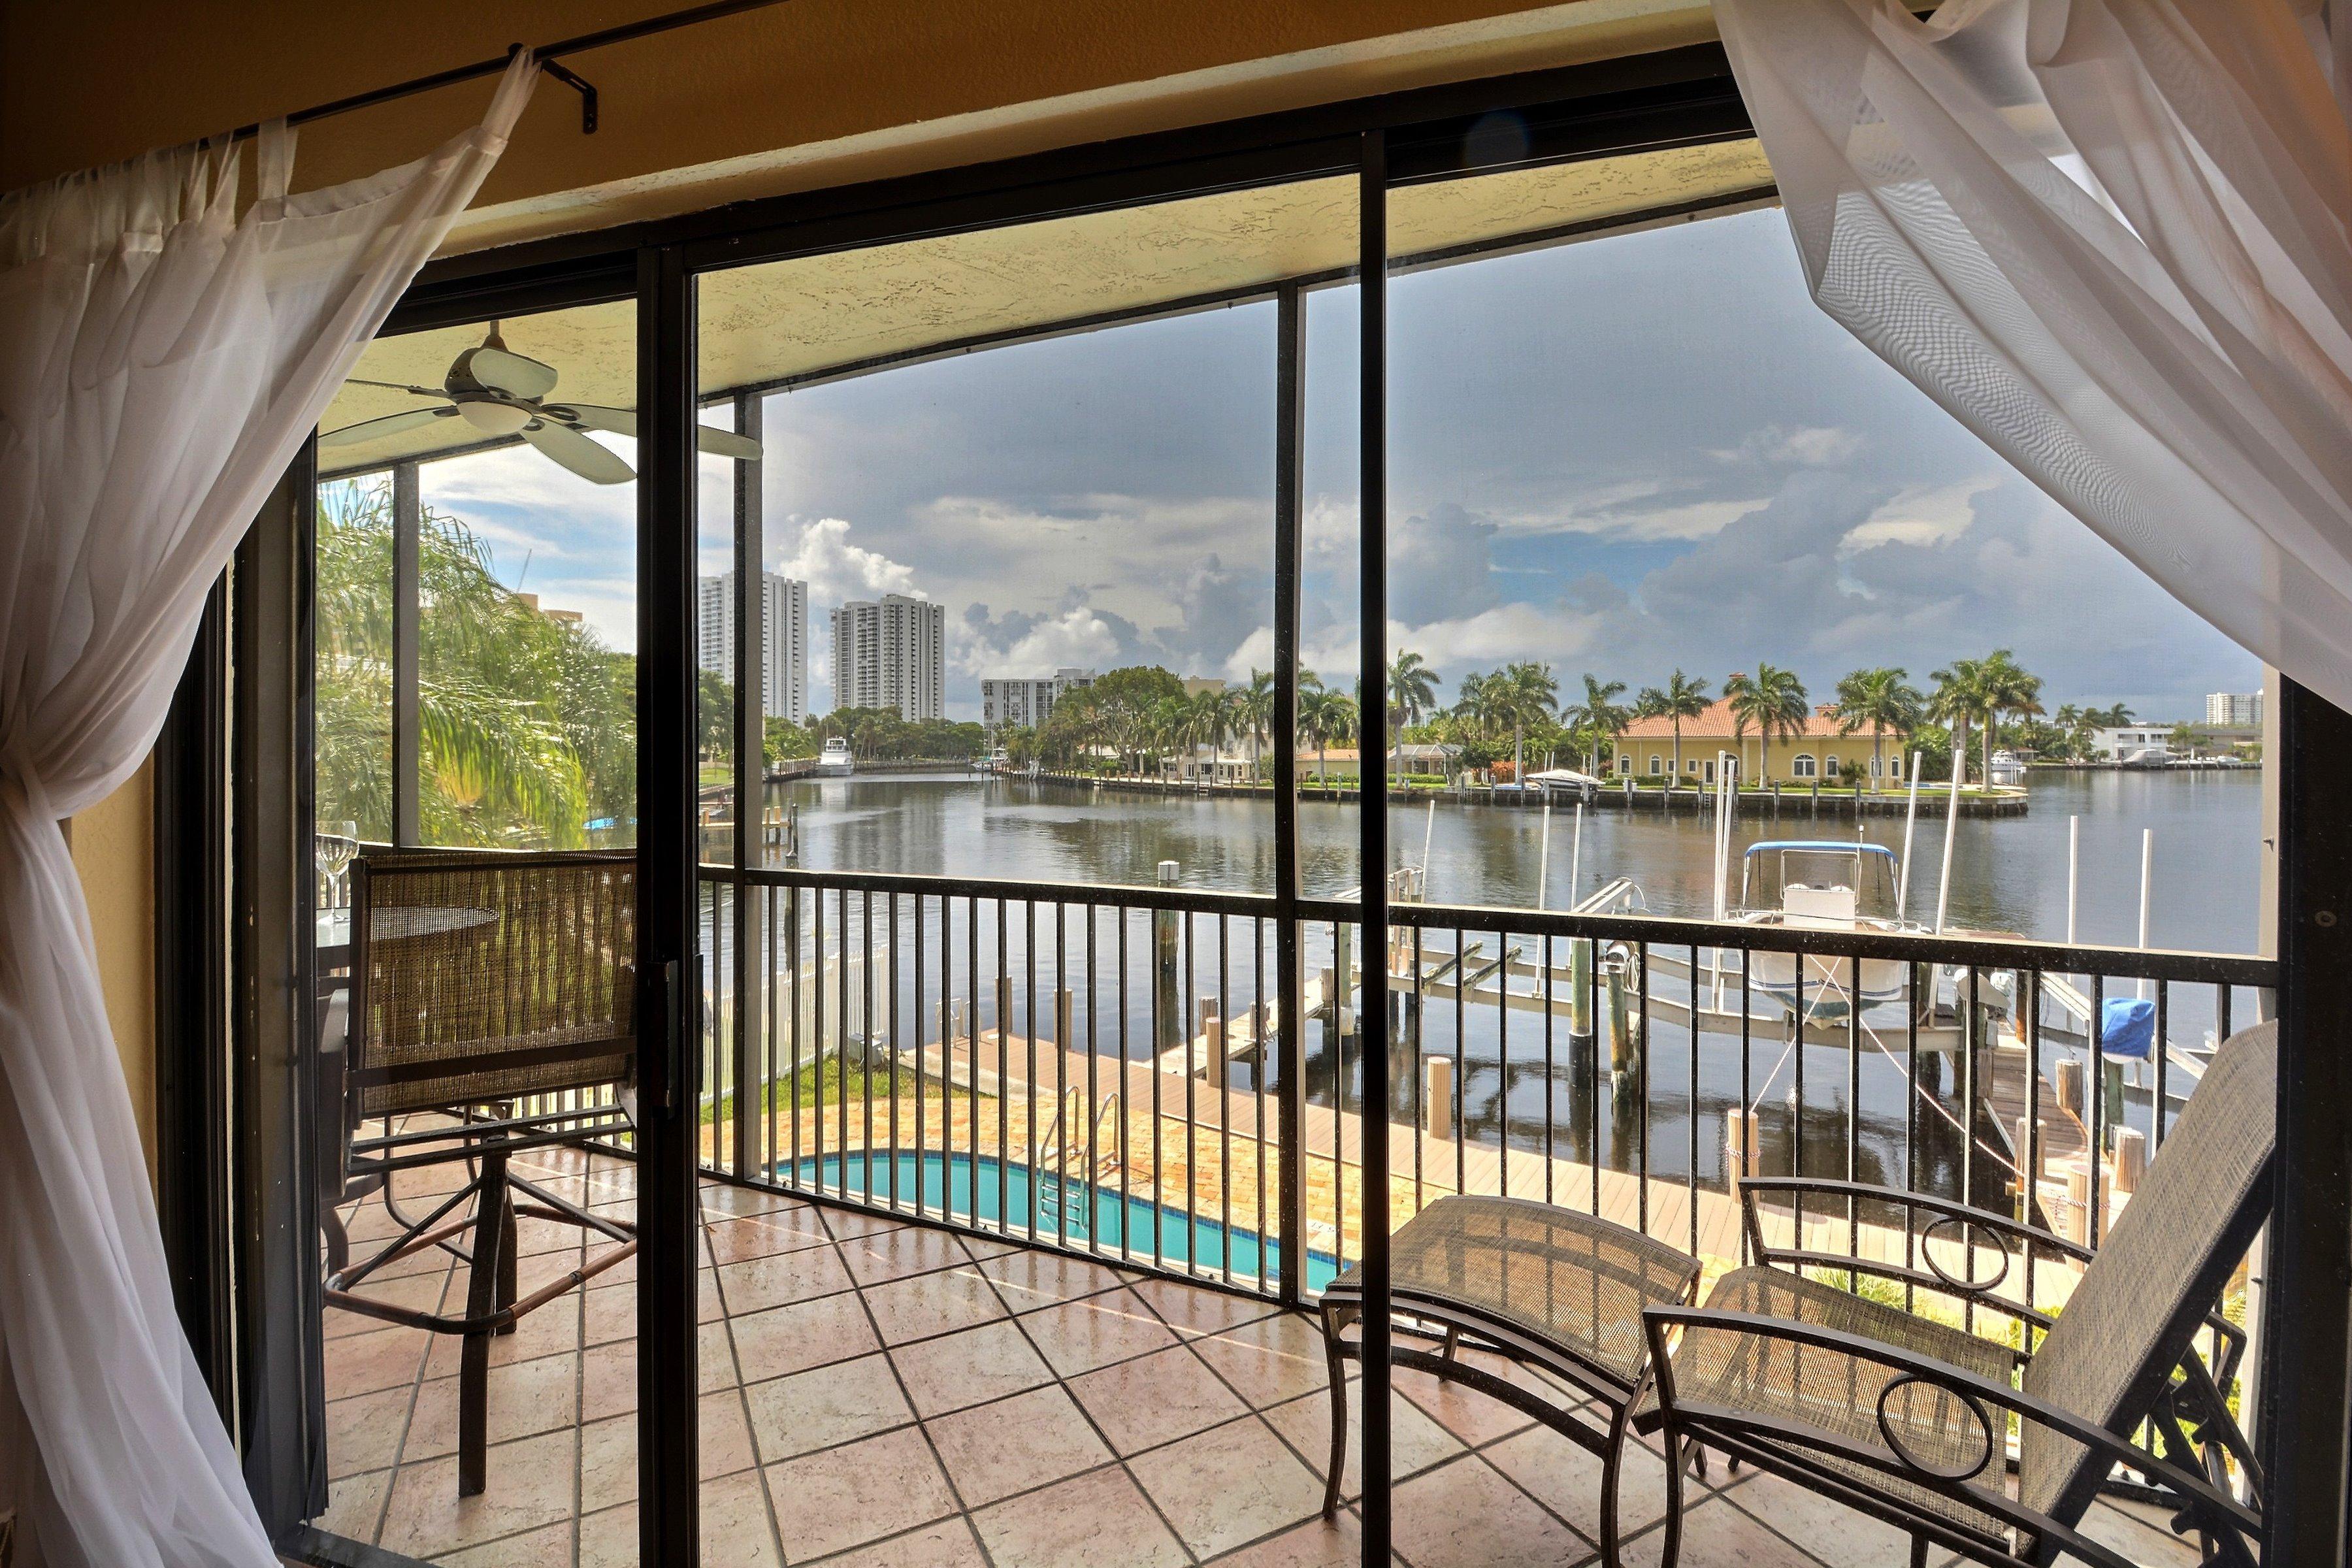 Квартира для того Продажа на 3208 Se 12th St #201 3208 Se 12th St 201 Pompano Beach, Флорида, 33062 Соединенные Штаты